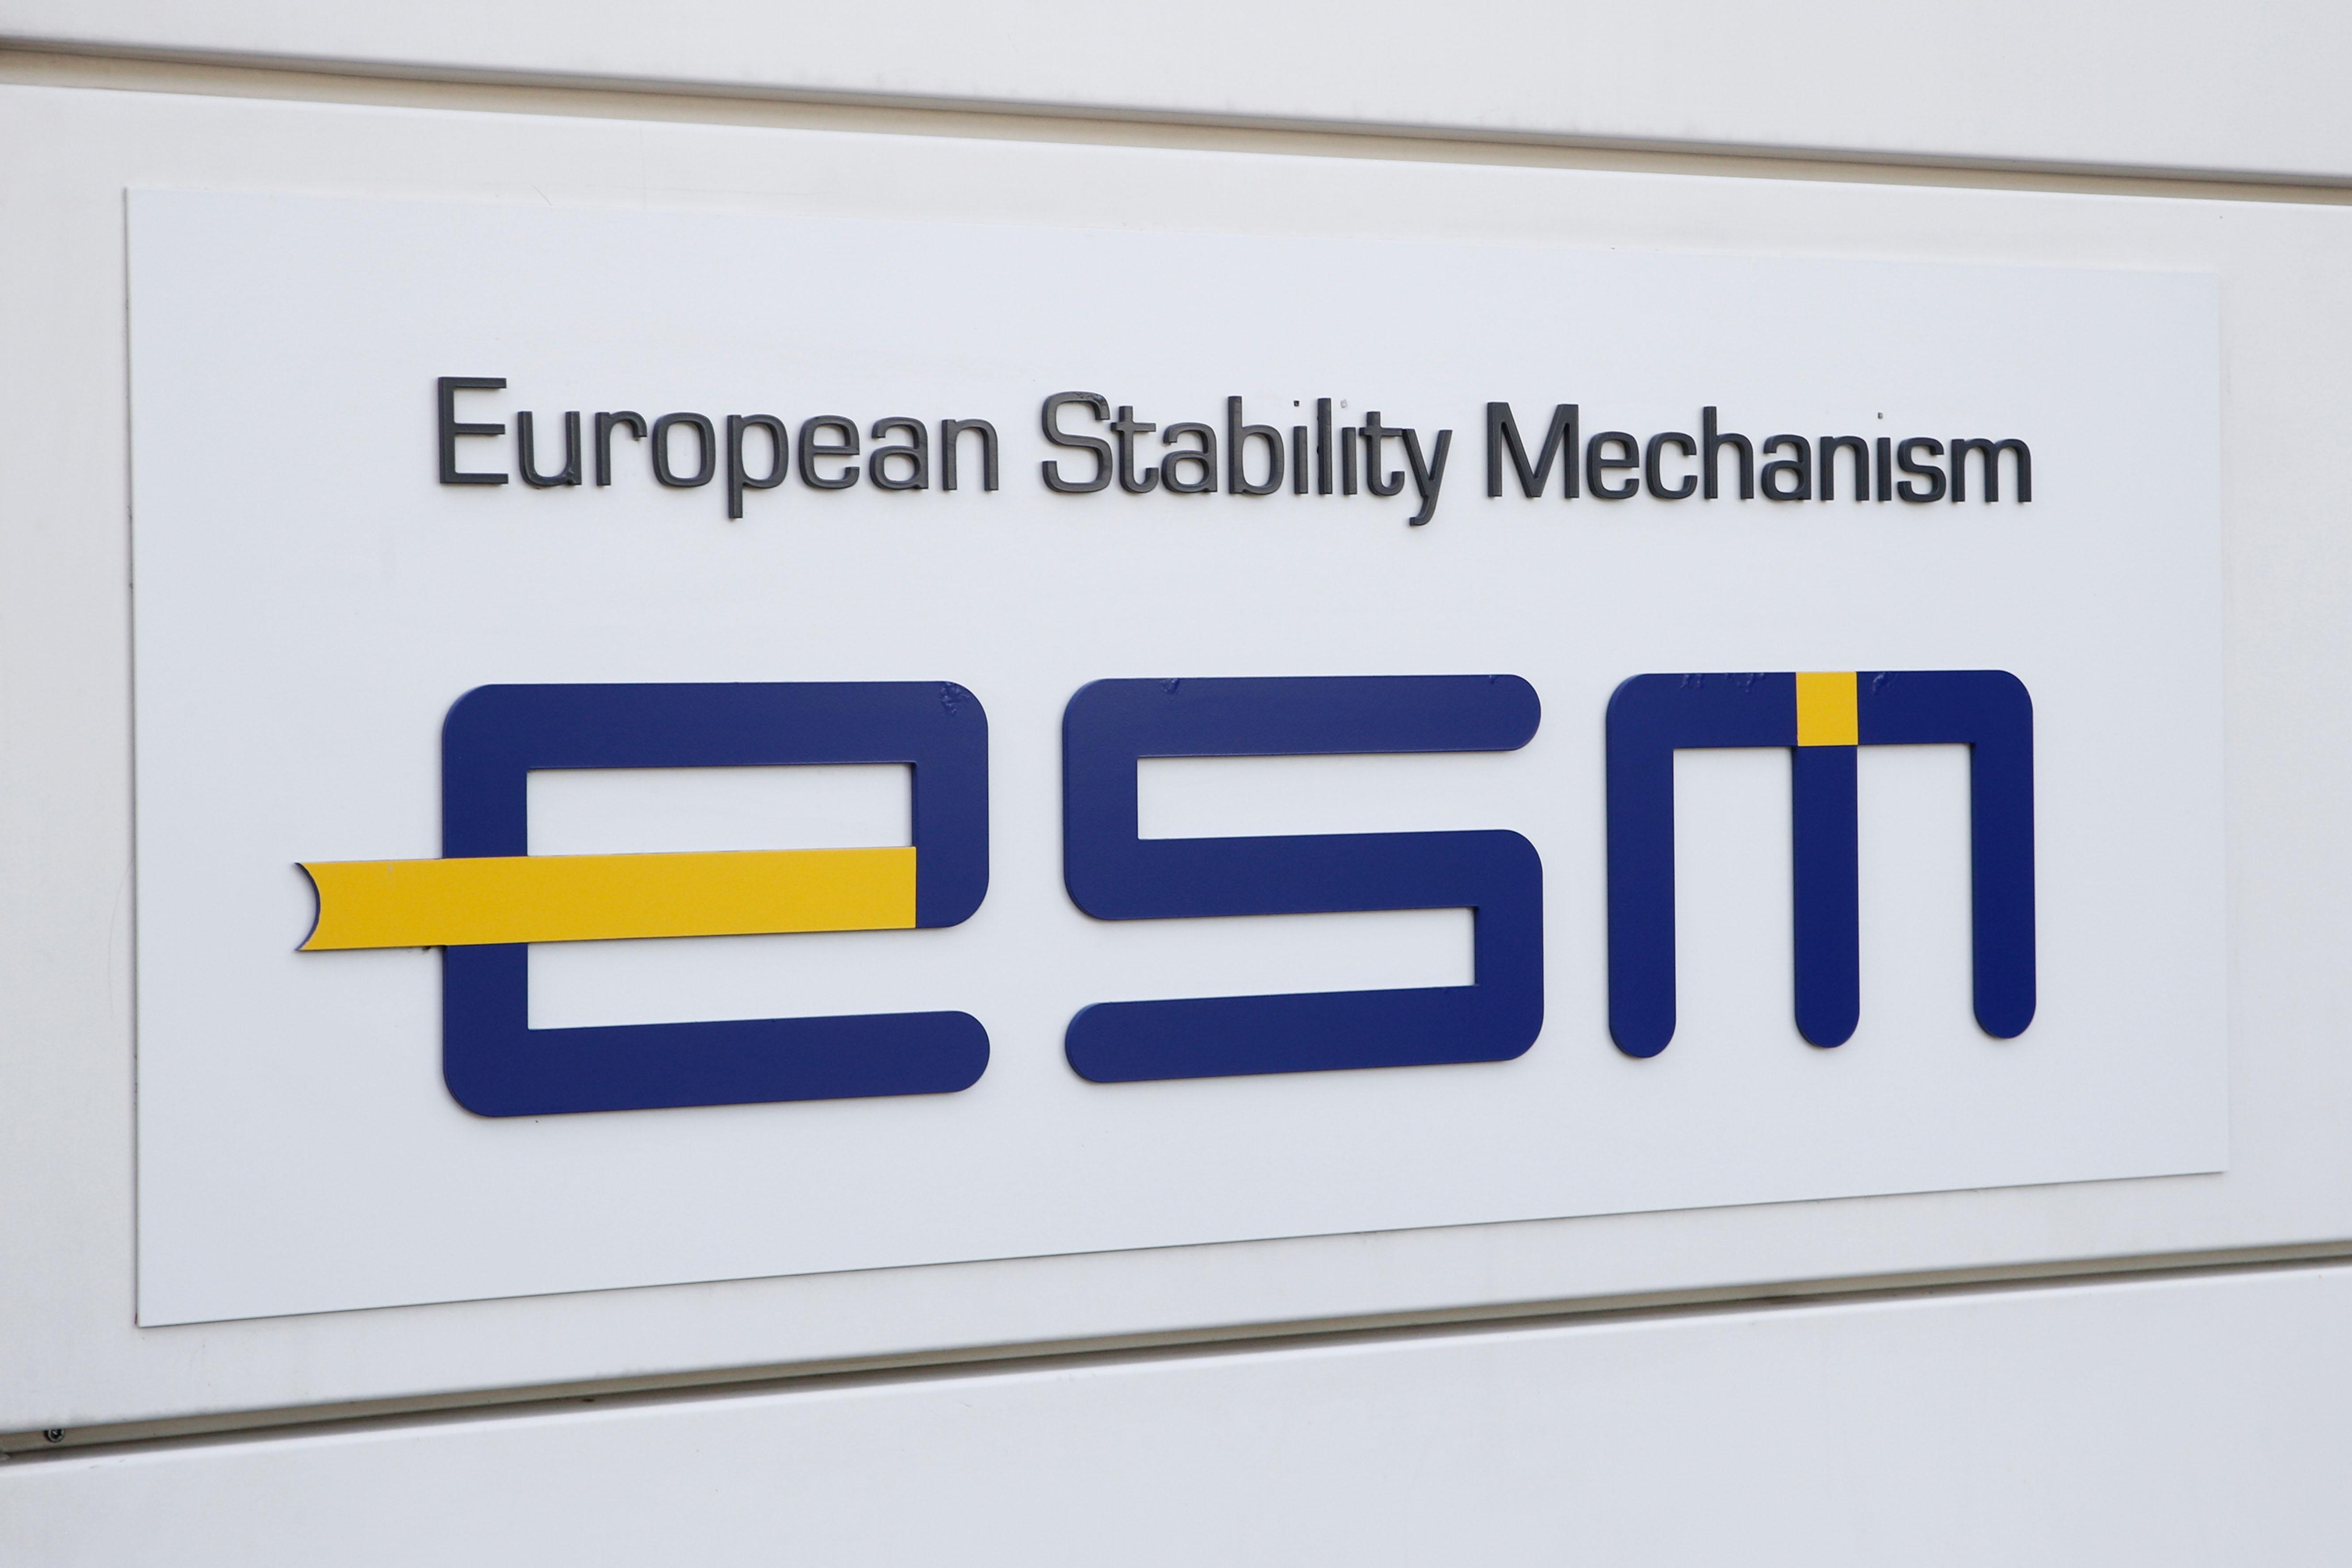 Γιάνσεν-ESM: Oύτε ένα ευρώ φορολογούμενων δεν πήγε στην Ελλάδα | tovima.gr